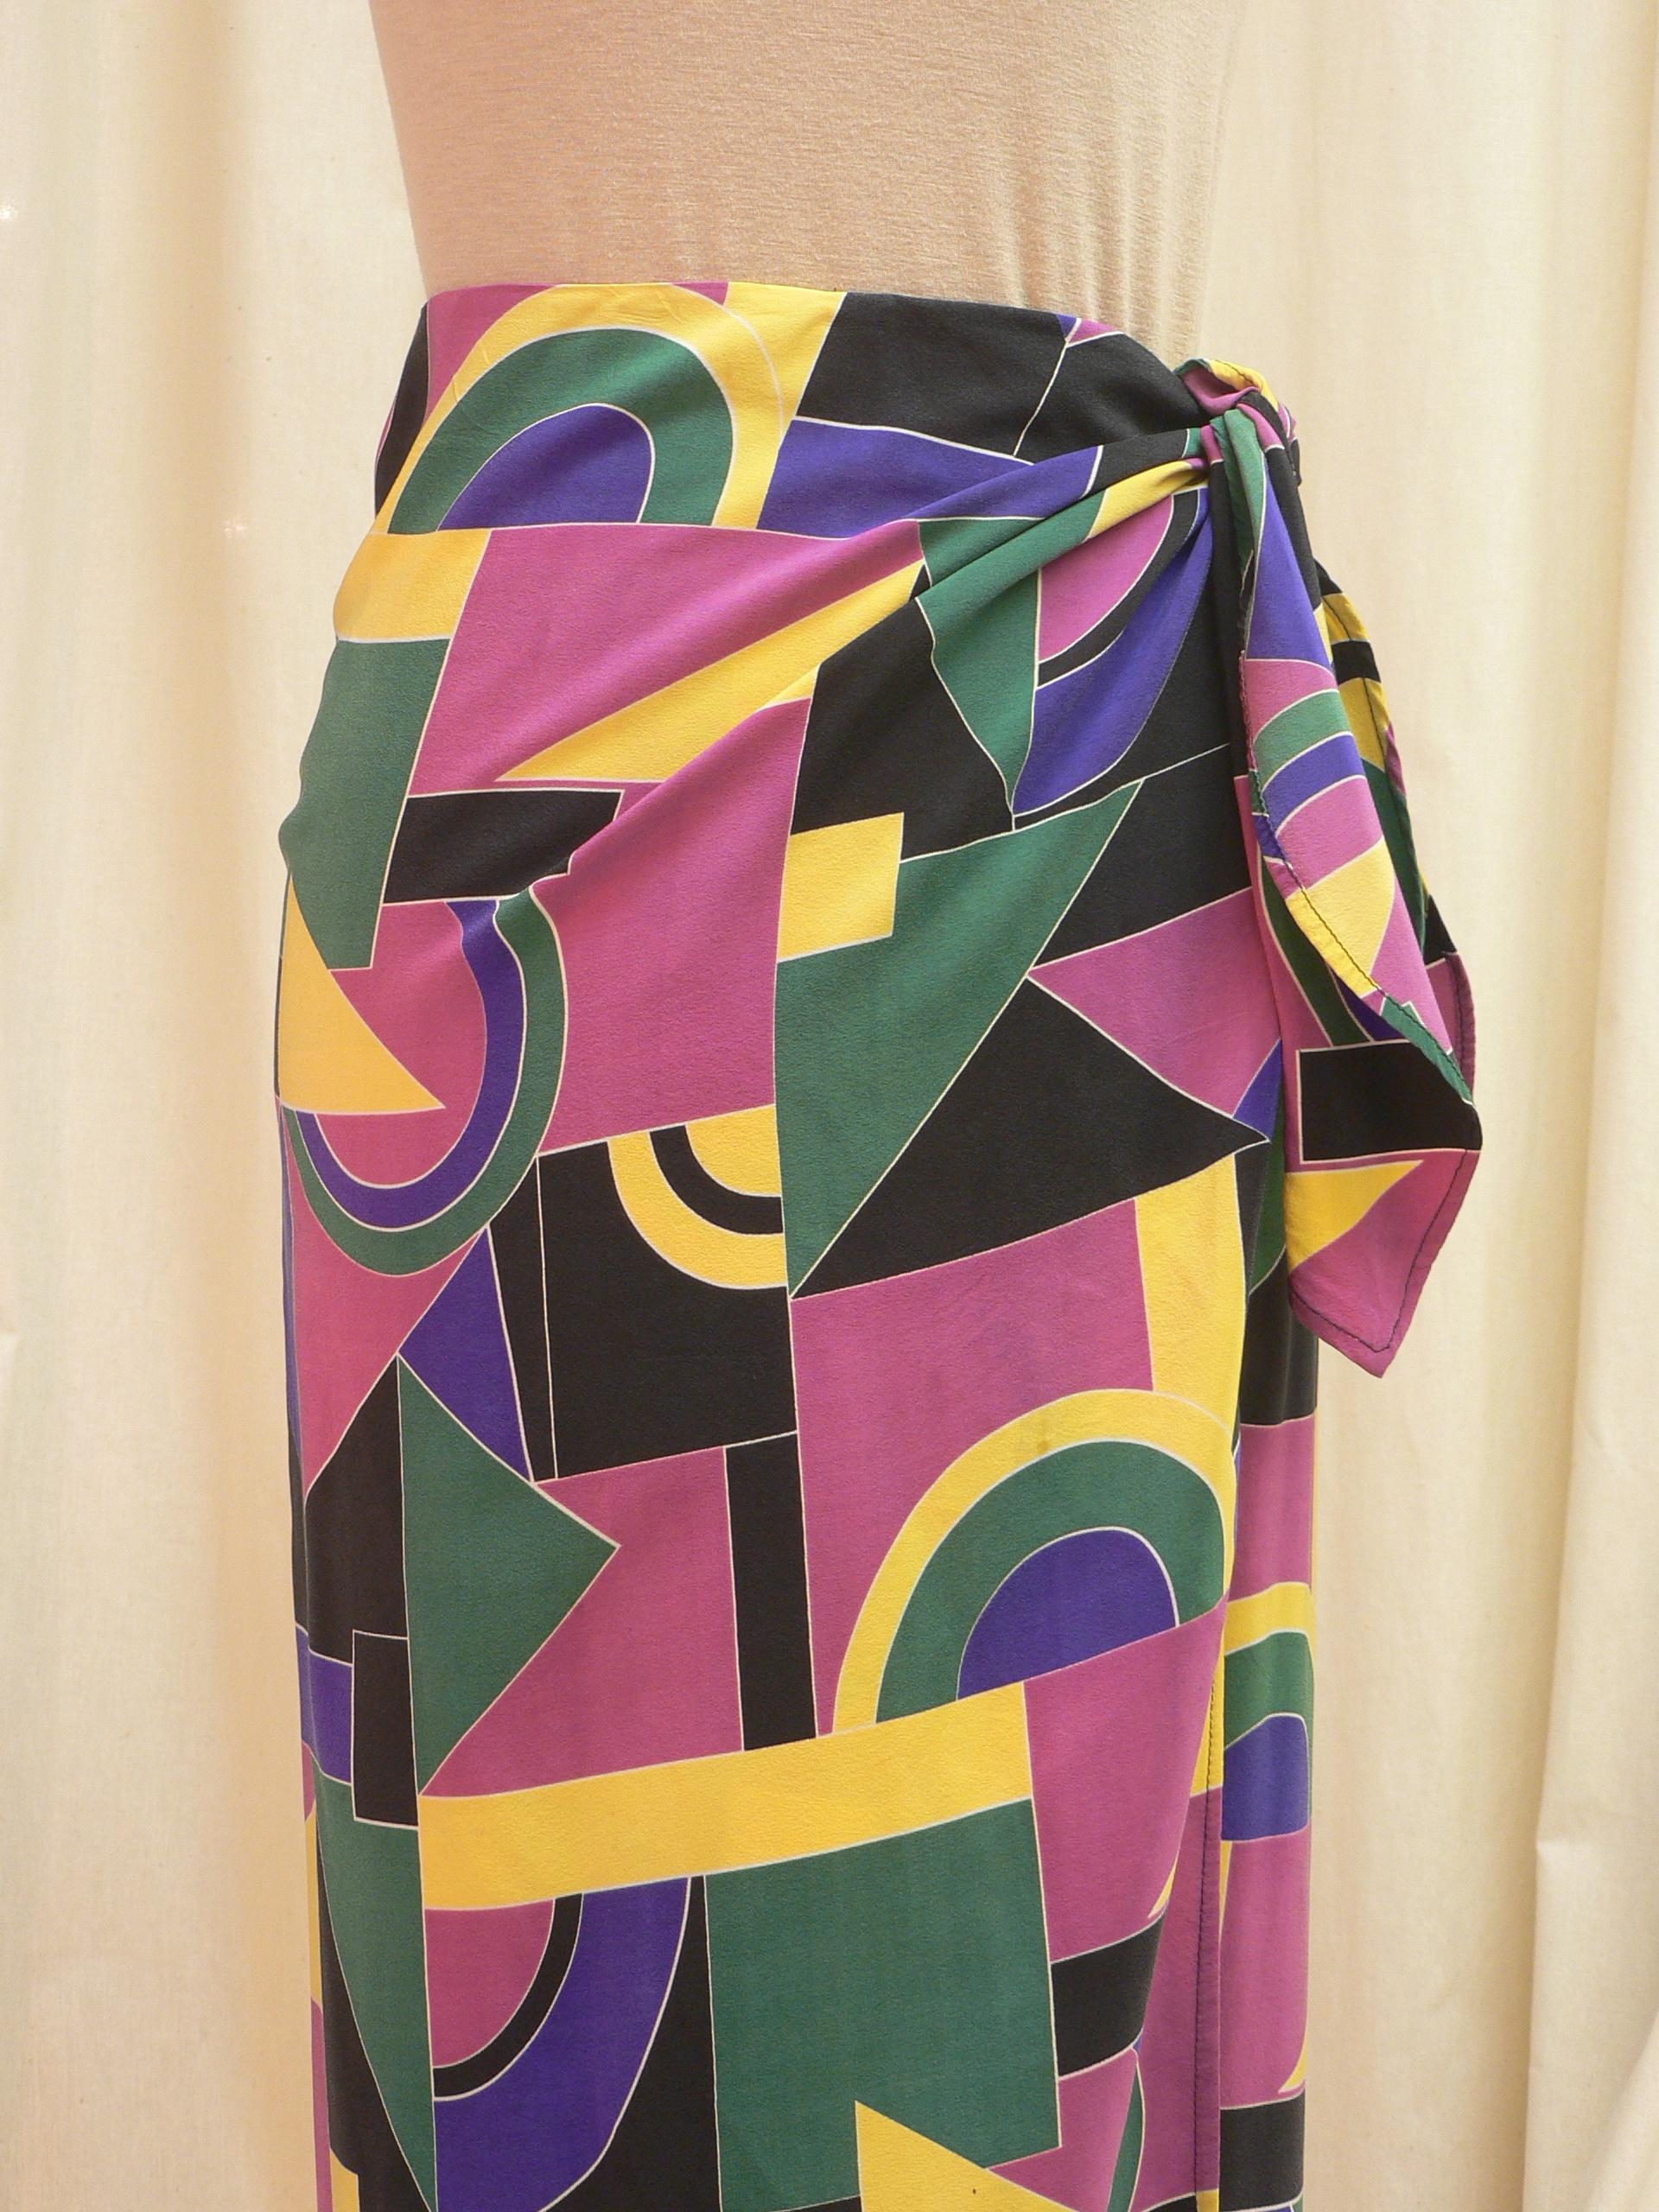 skirt02_front_detail.JPG